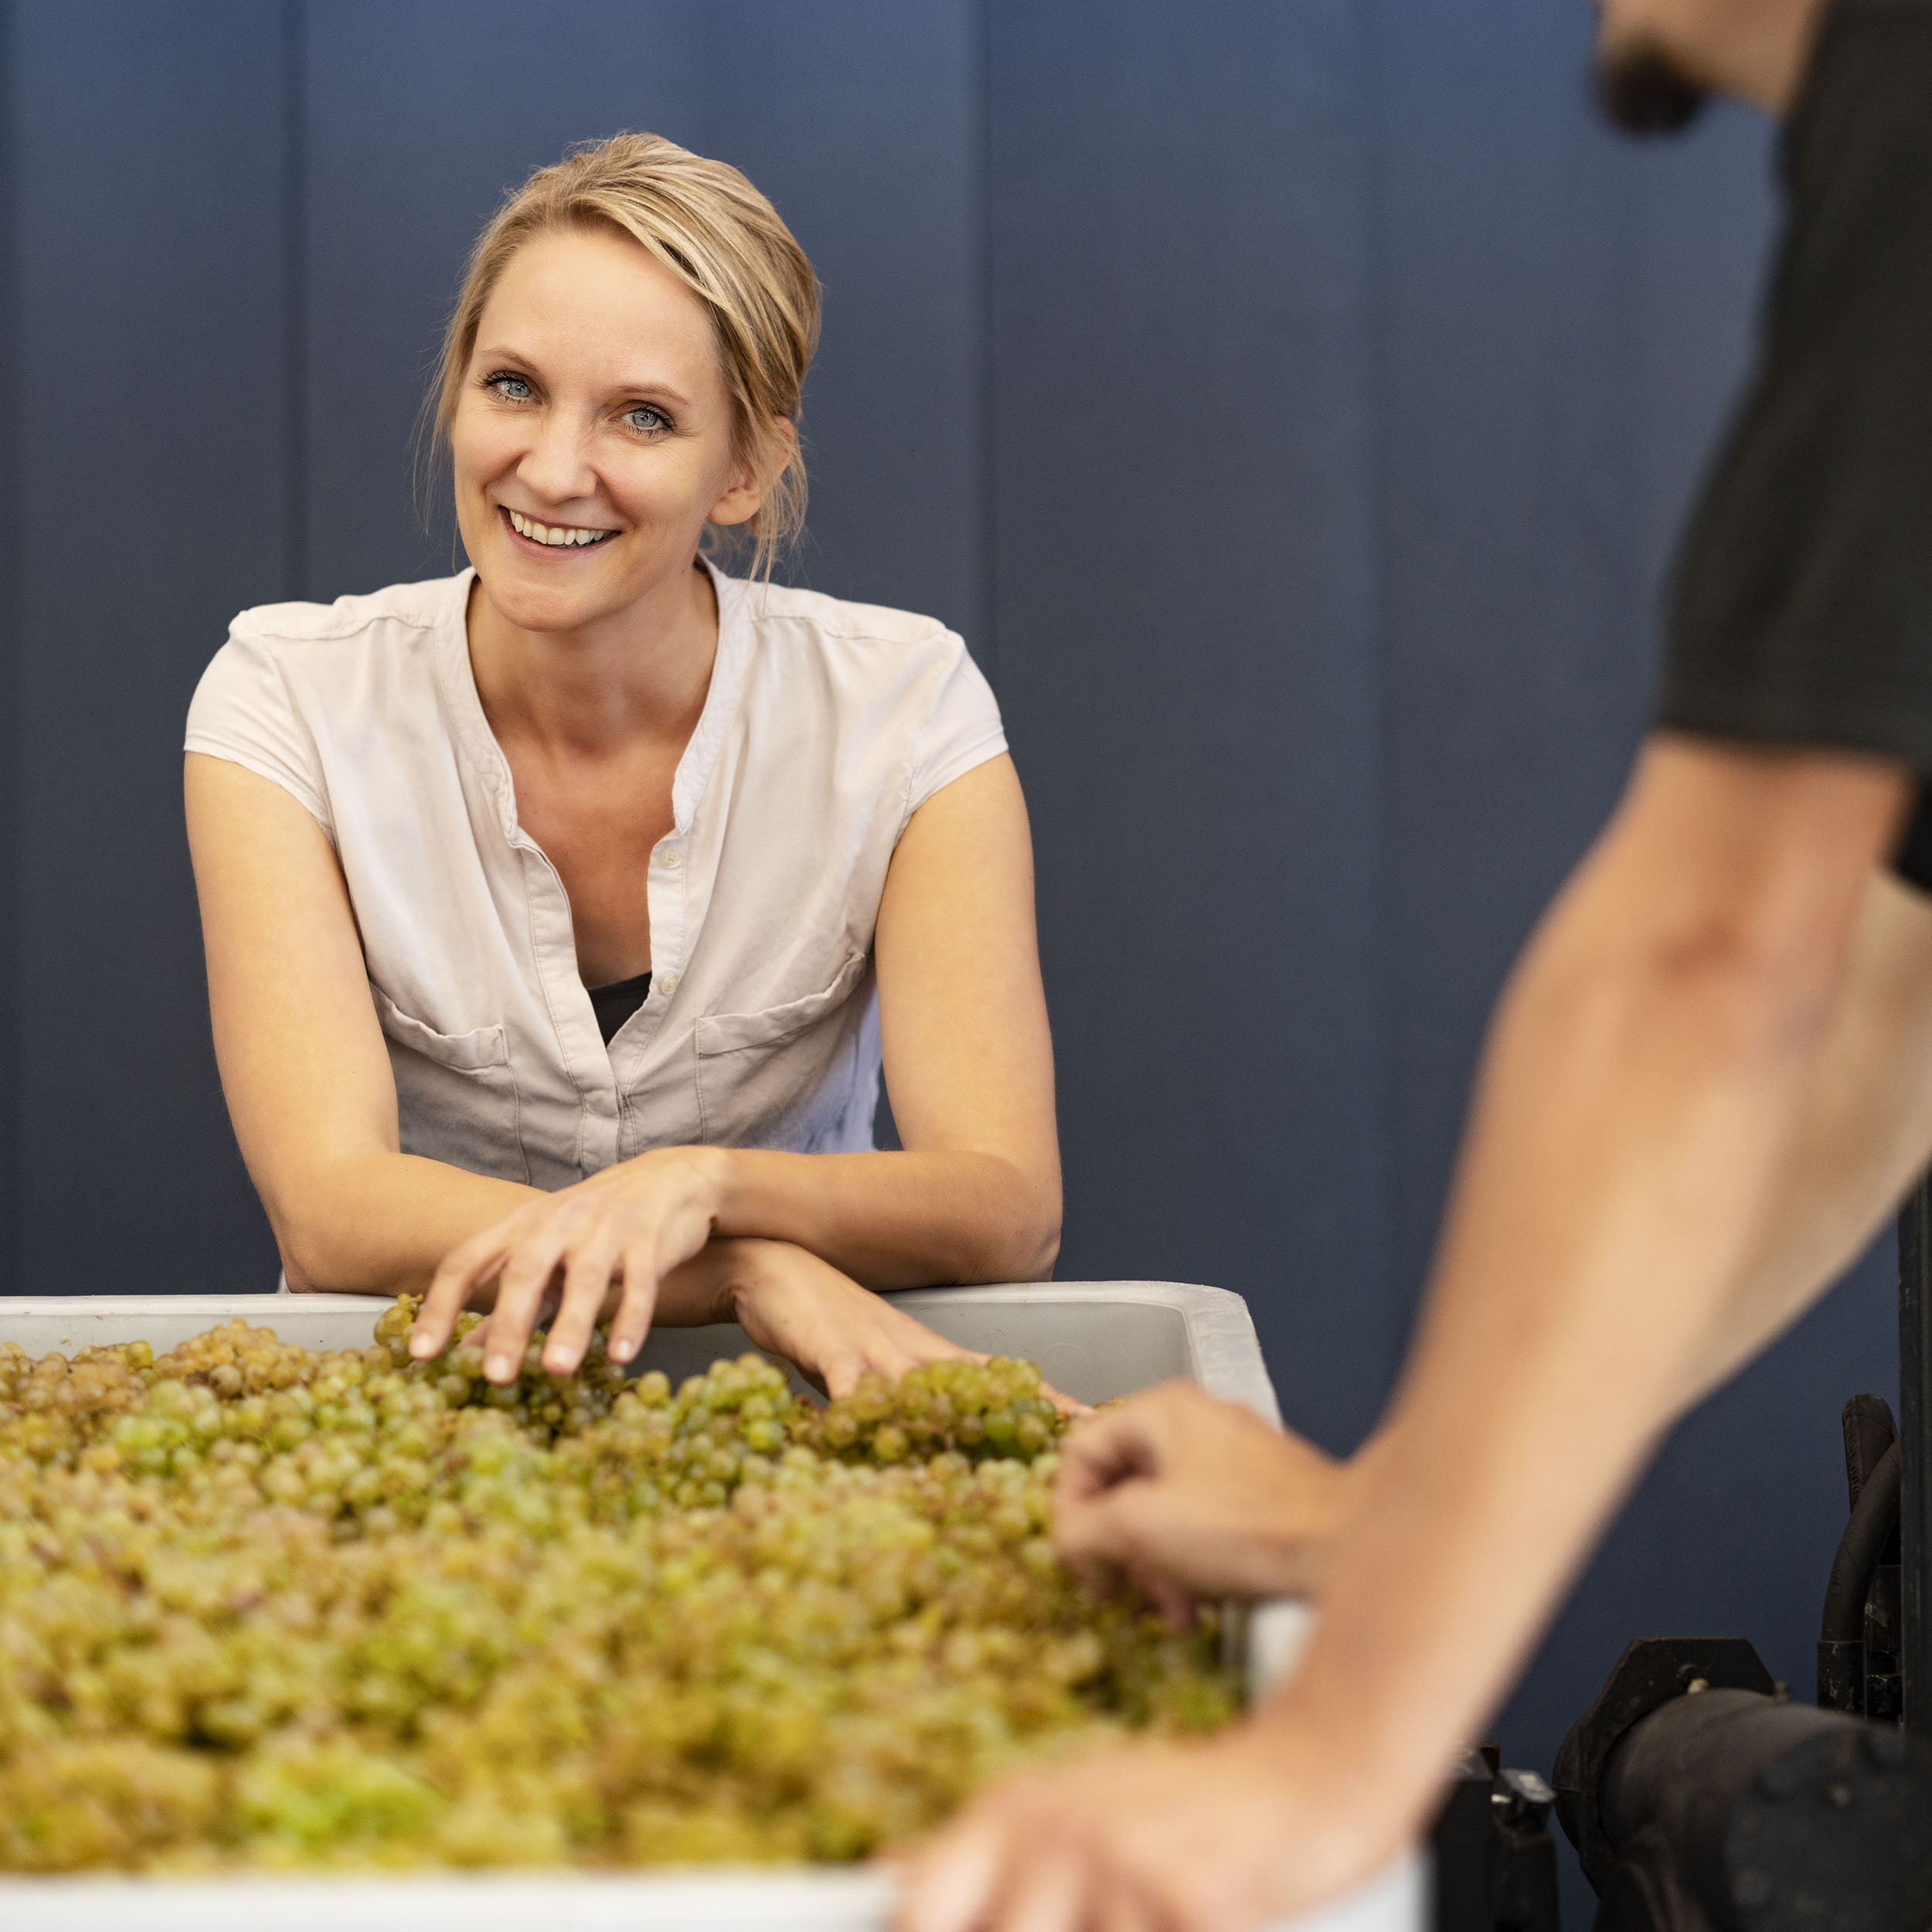 Eva Fricke Weingut, Weinfotografie, Weinfotograf Markus Bassler